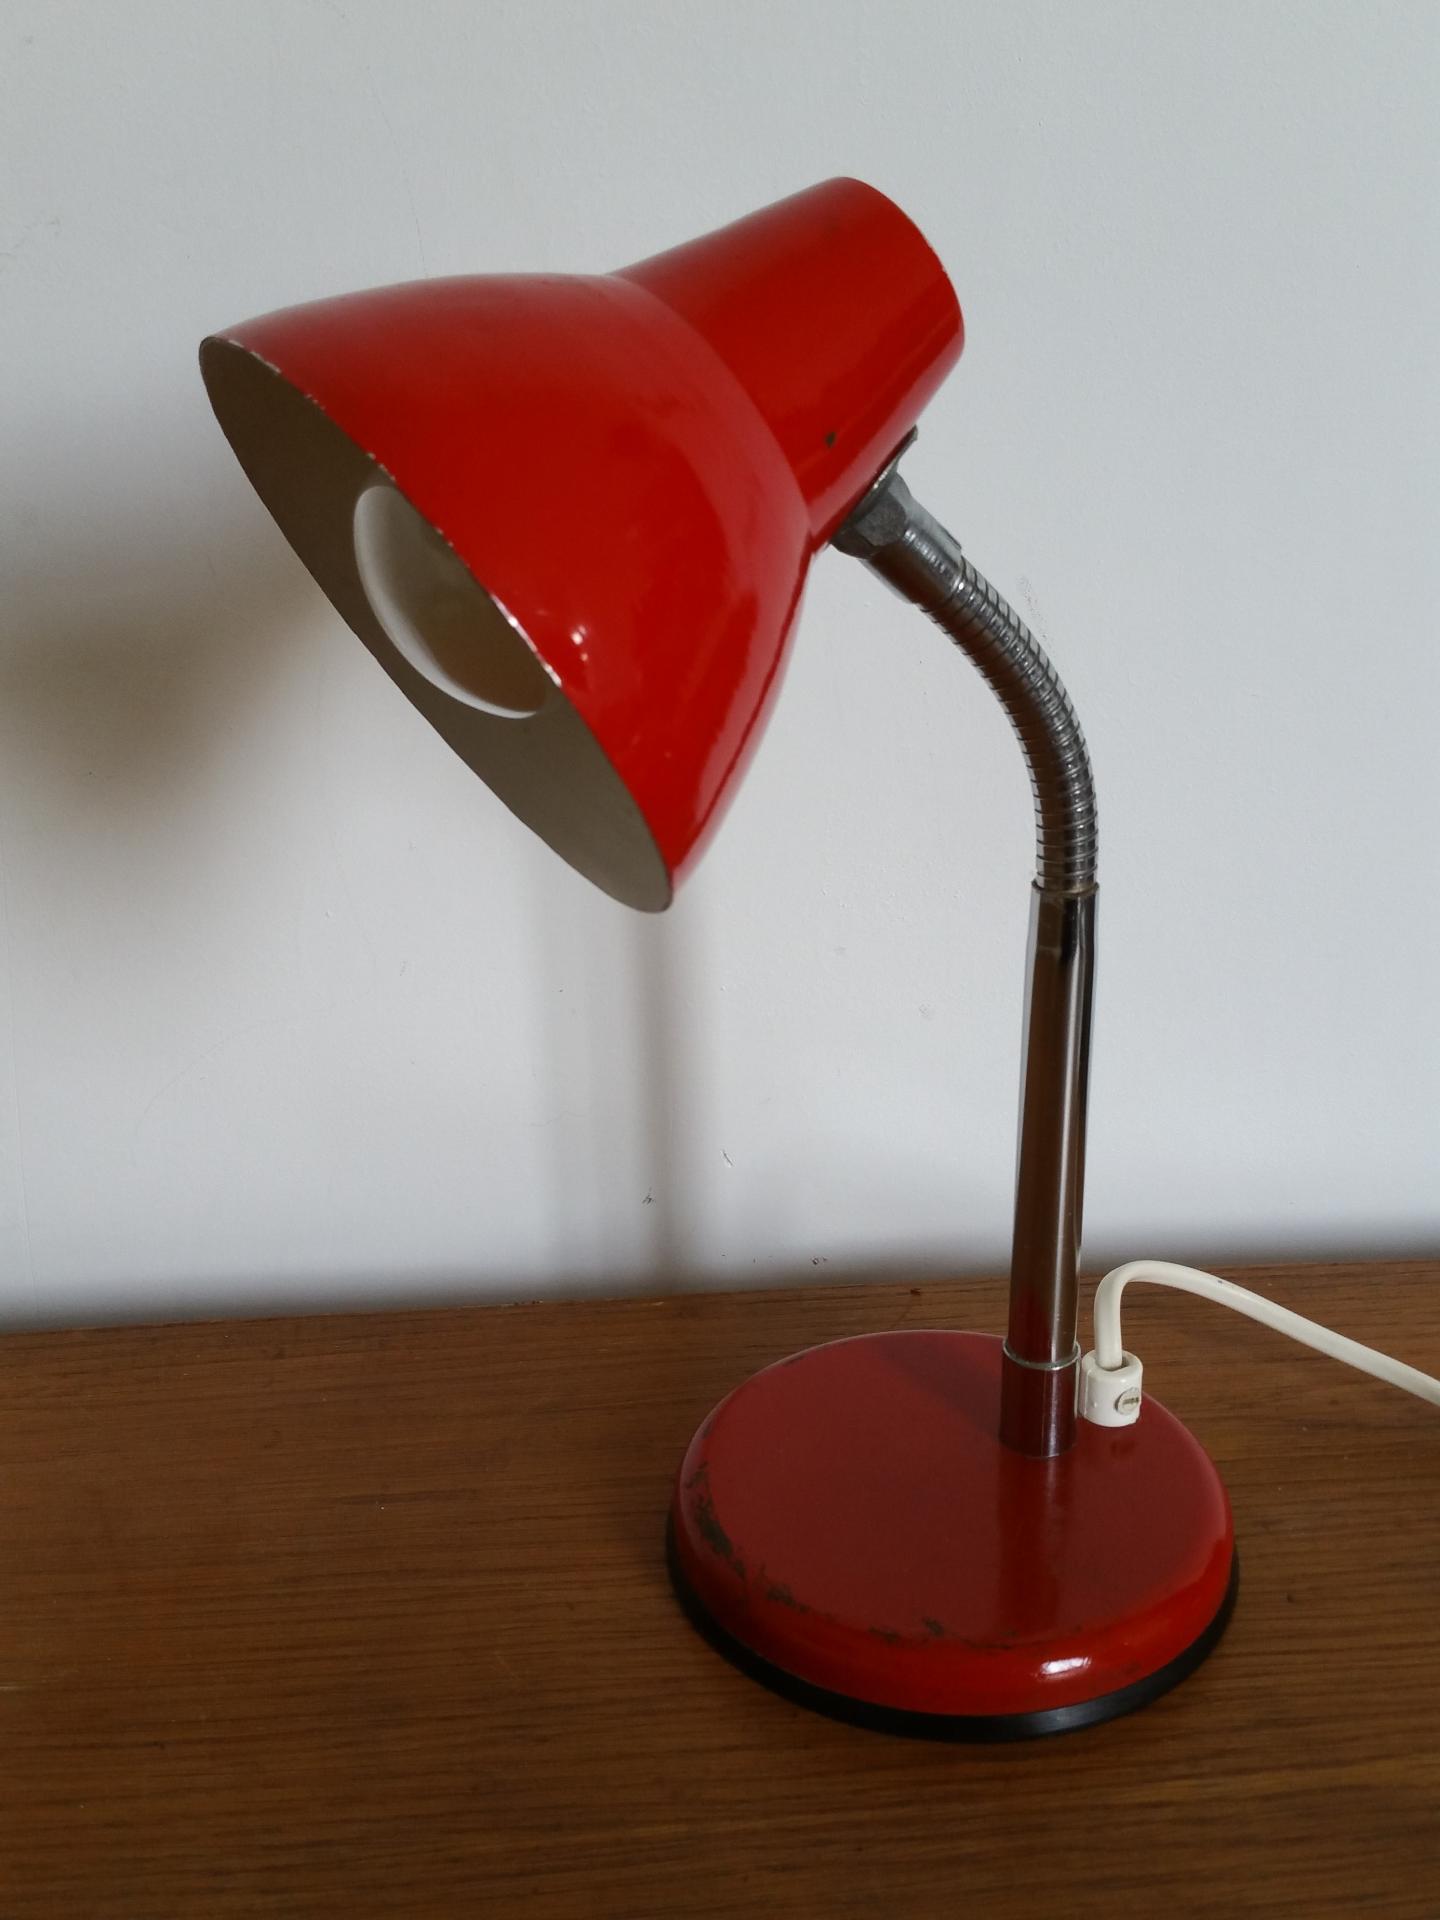 lampe cocotte vintage rouge lampe de bureau lampe de chevet. Black Bedroom Furniture Sets. Home Design Ideas